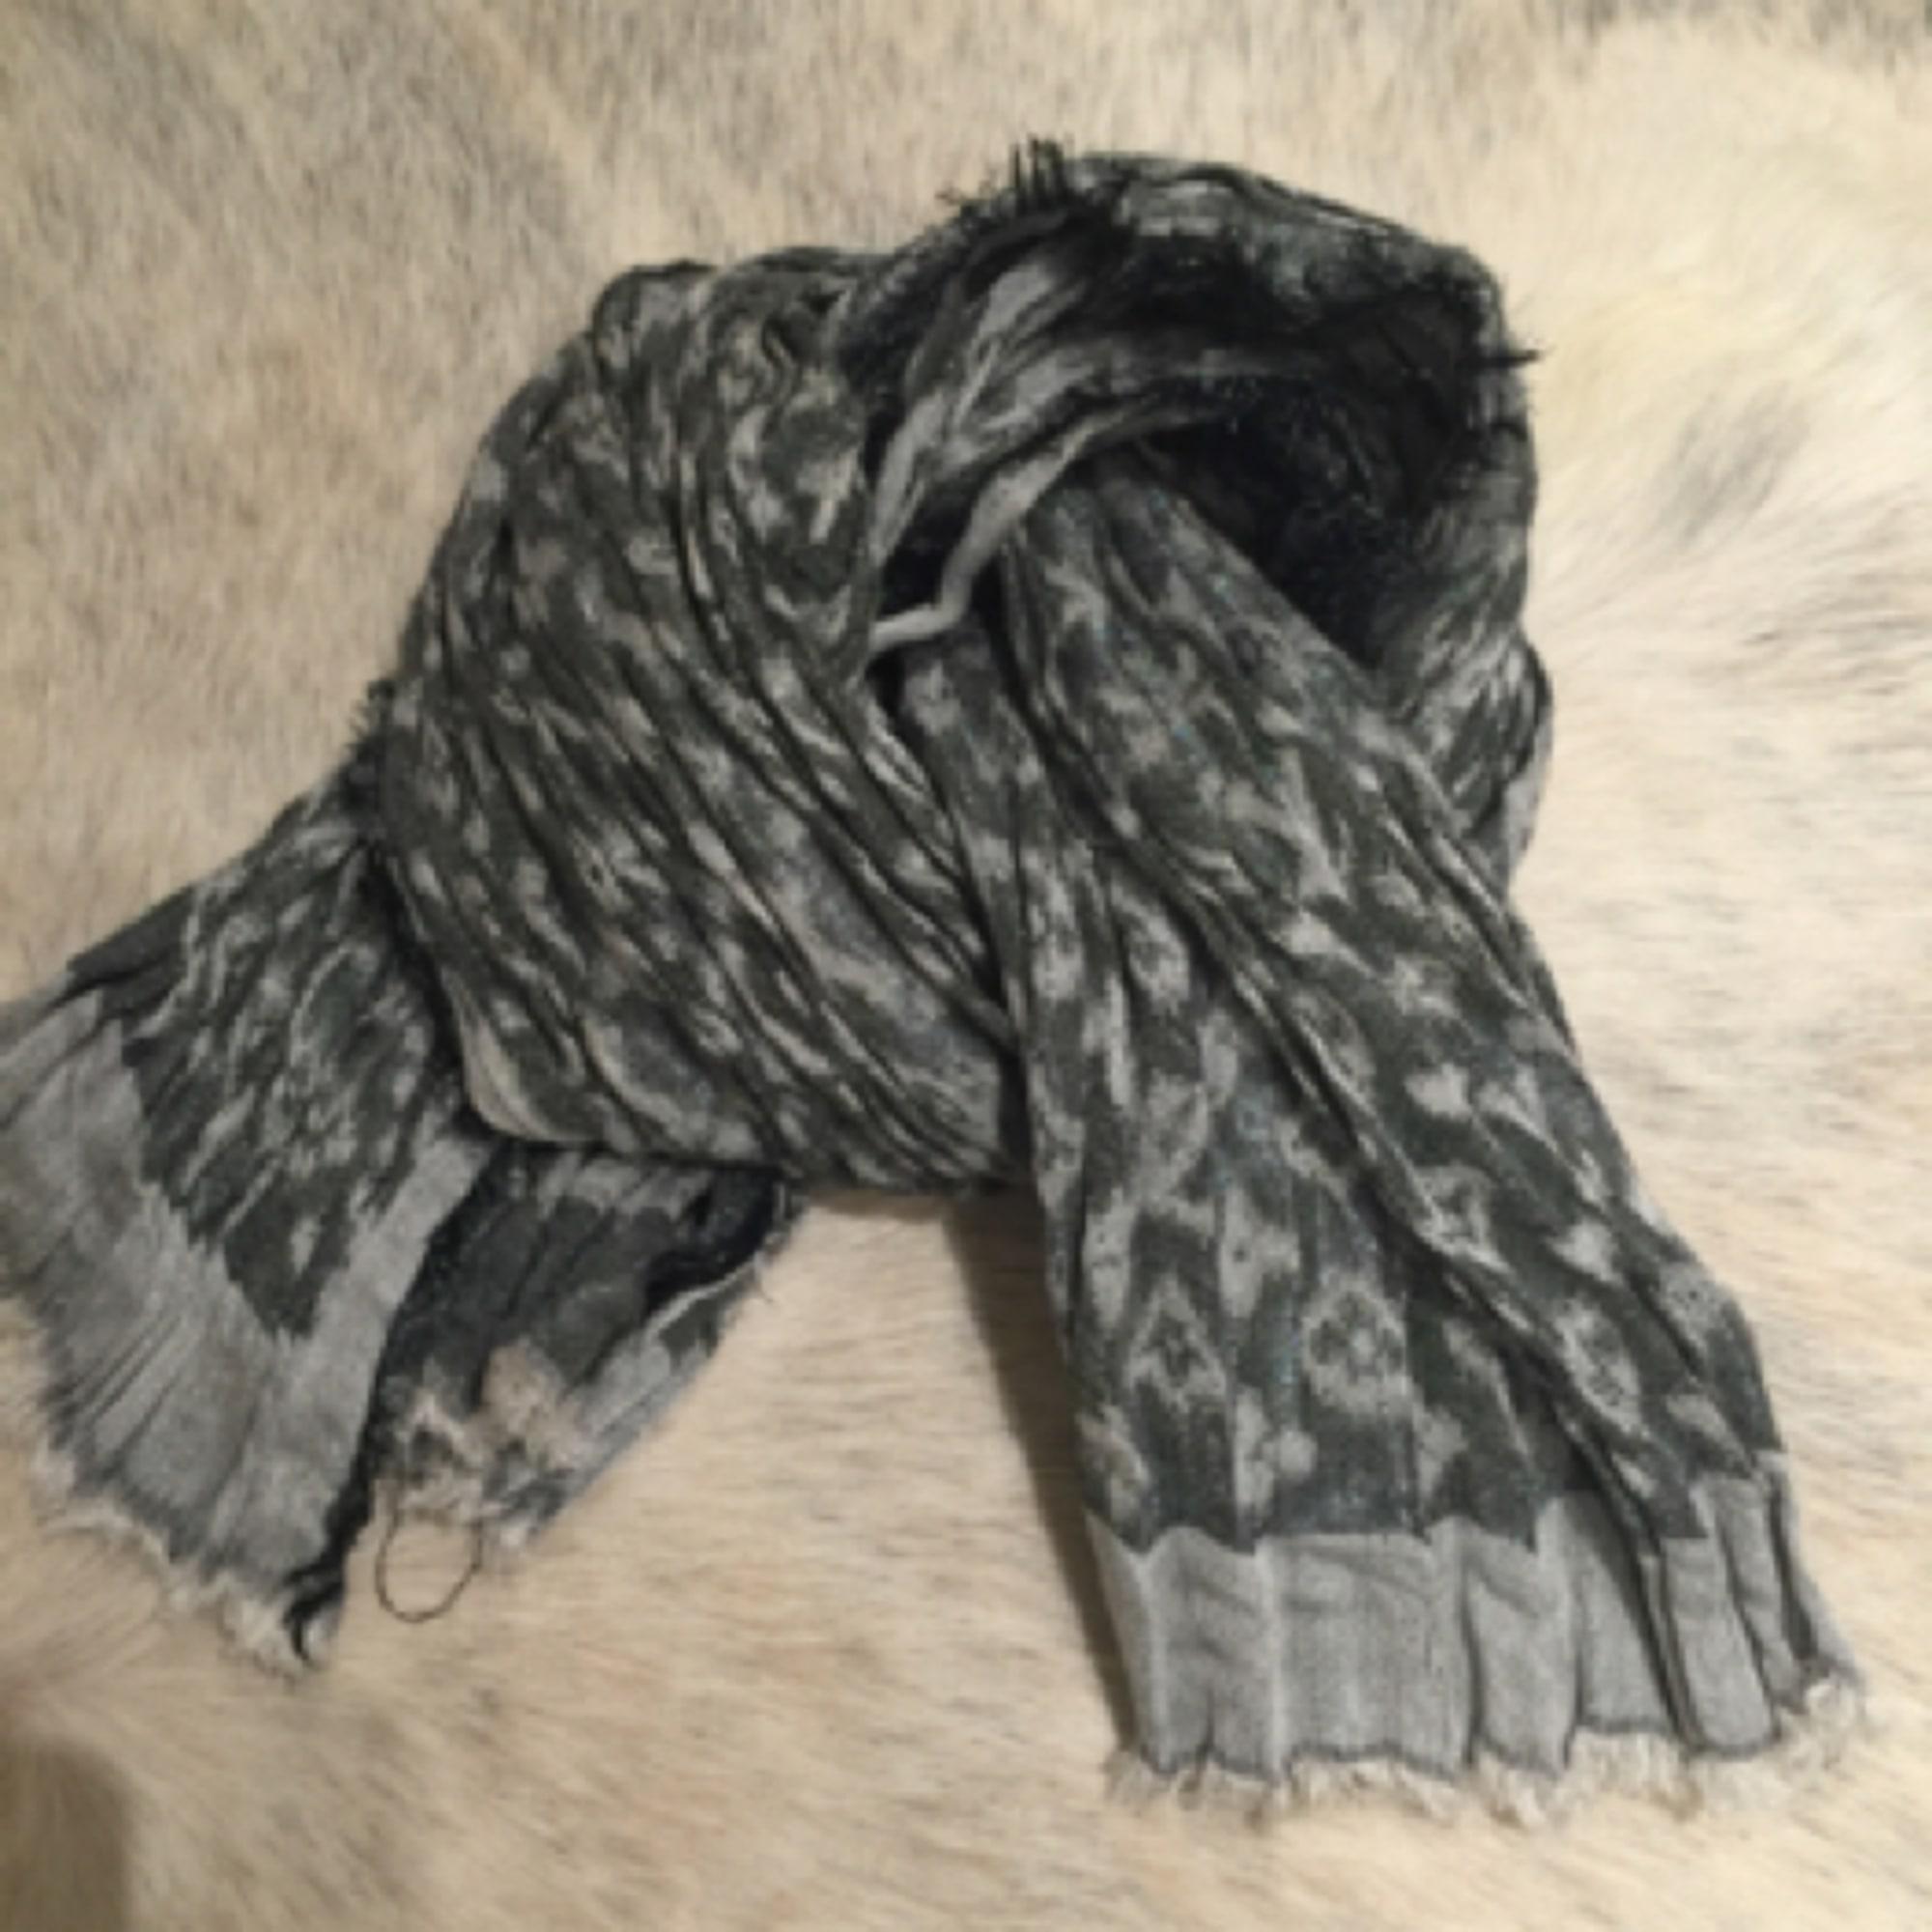 Echarpe LOUIS VUITTON gris vendu par Samantha 19193848 - 4167740 51c4d723cca